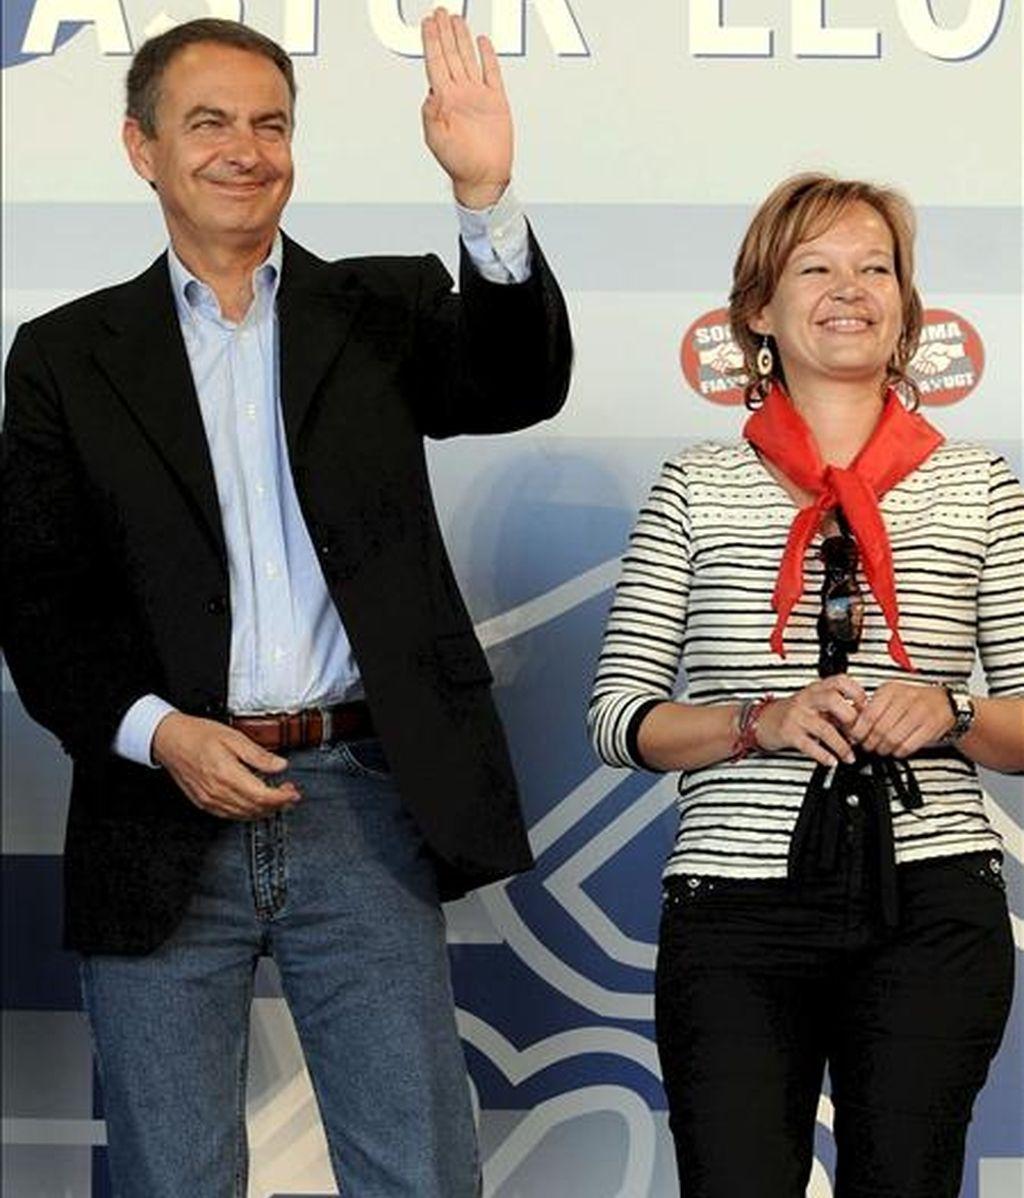 El presidente del Gobierno de España, José Luis Rodríguez Zapatero, junto a la secretaria de Organización del PSOE, Leire Pajín, el año paado ne la celebración de la XXIX Fiesta Minera Asturleonesa de Rodiezmo (León). EFE/Archivo